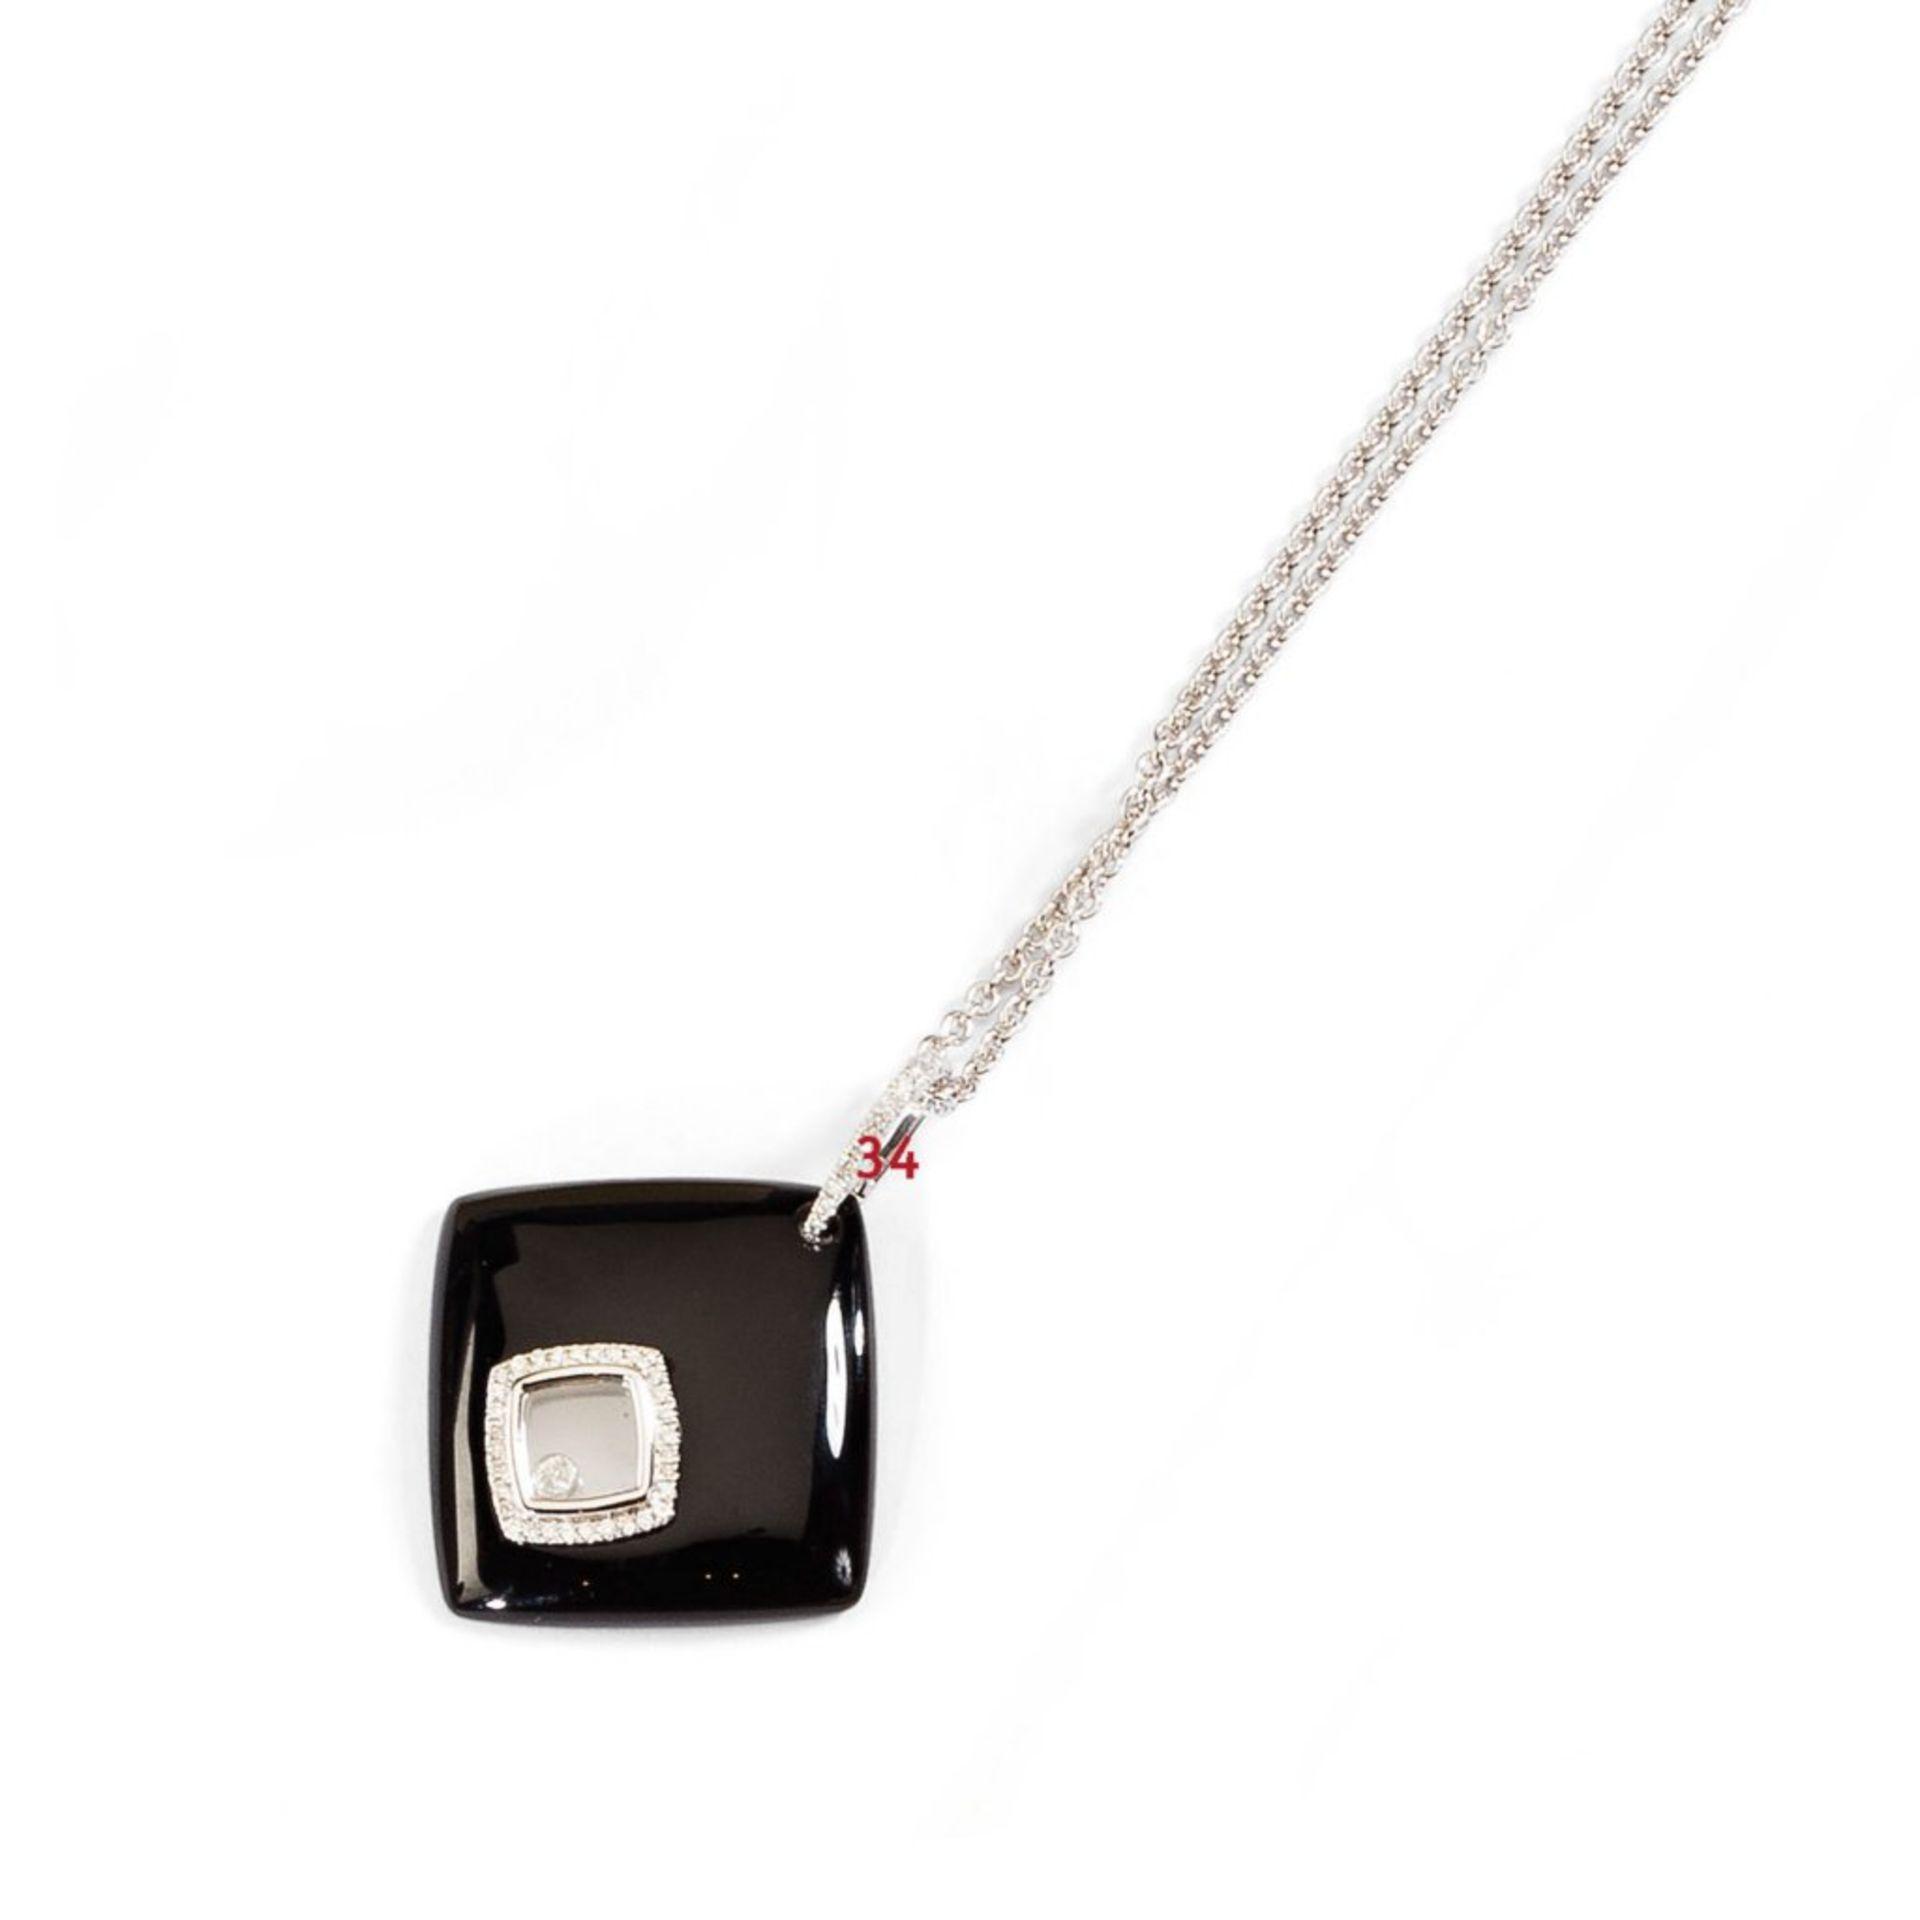 Onyx-/Diamantanhänger. Diamanten ca. 0,25 ct. Fassung 18 ct. WG. Dazu Ankerkette in 14 ct. WG, L